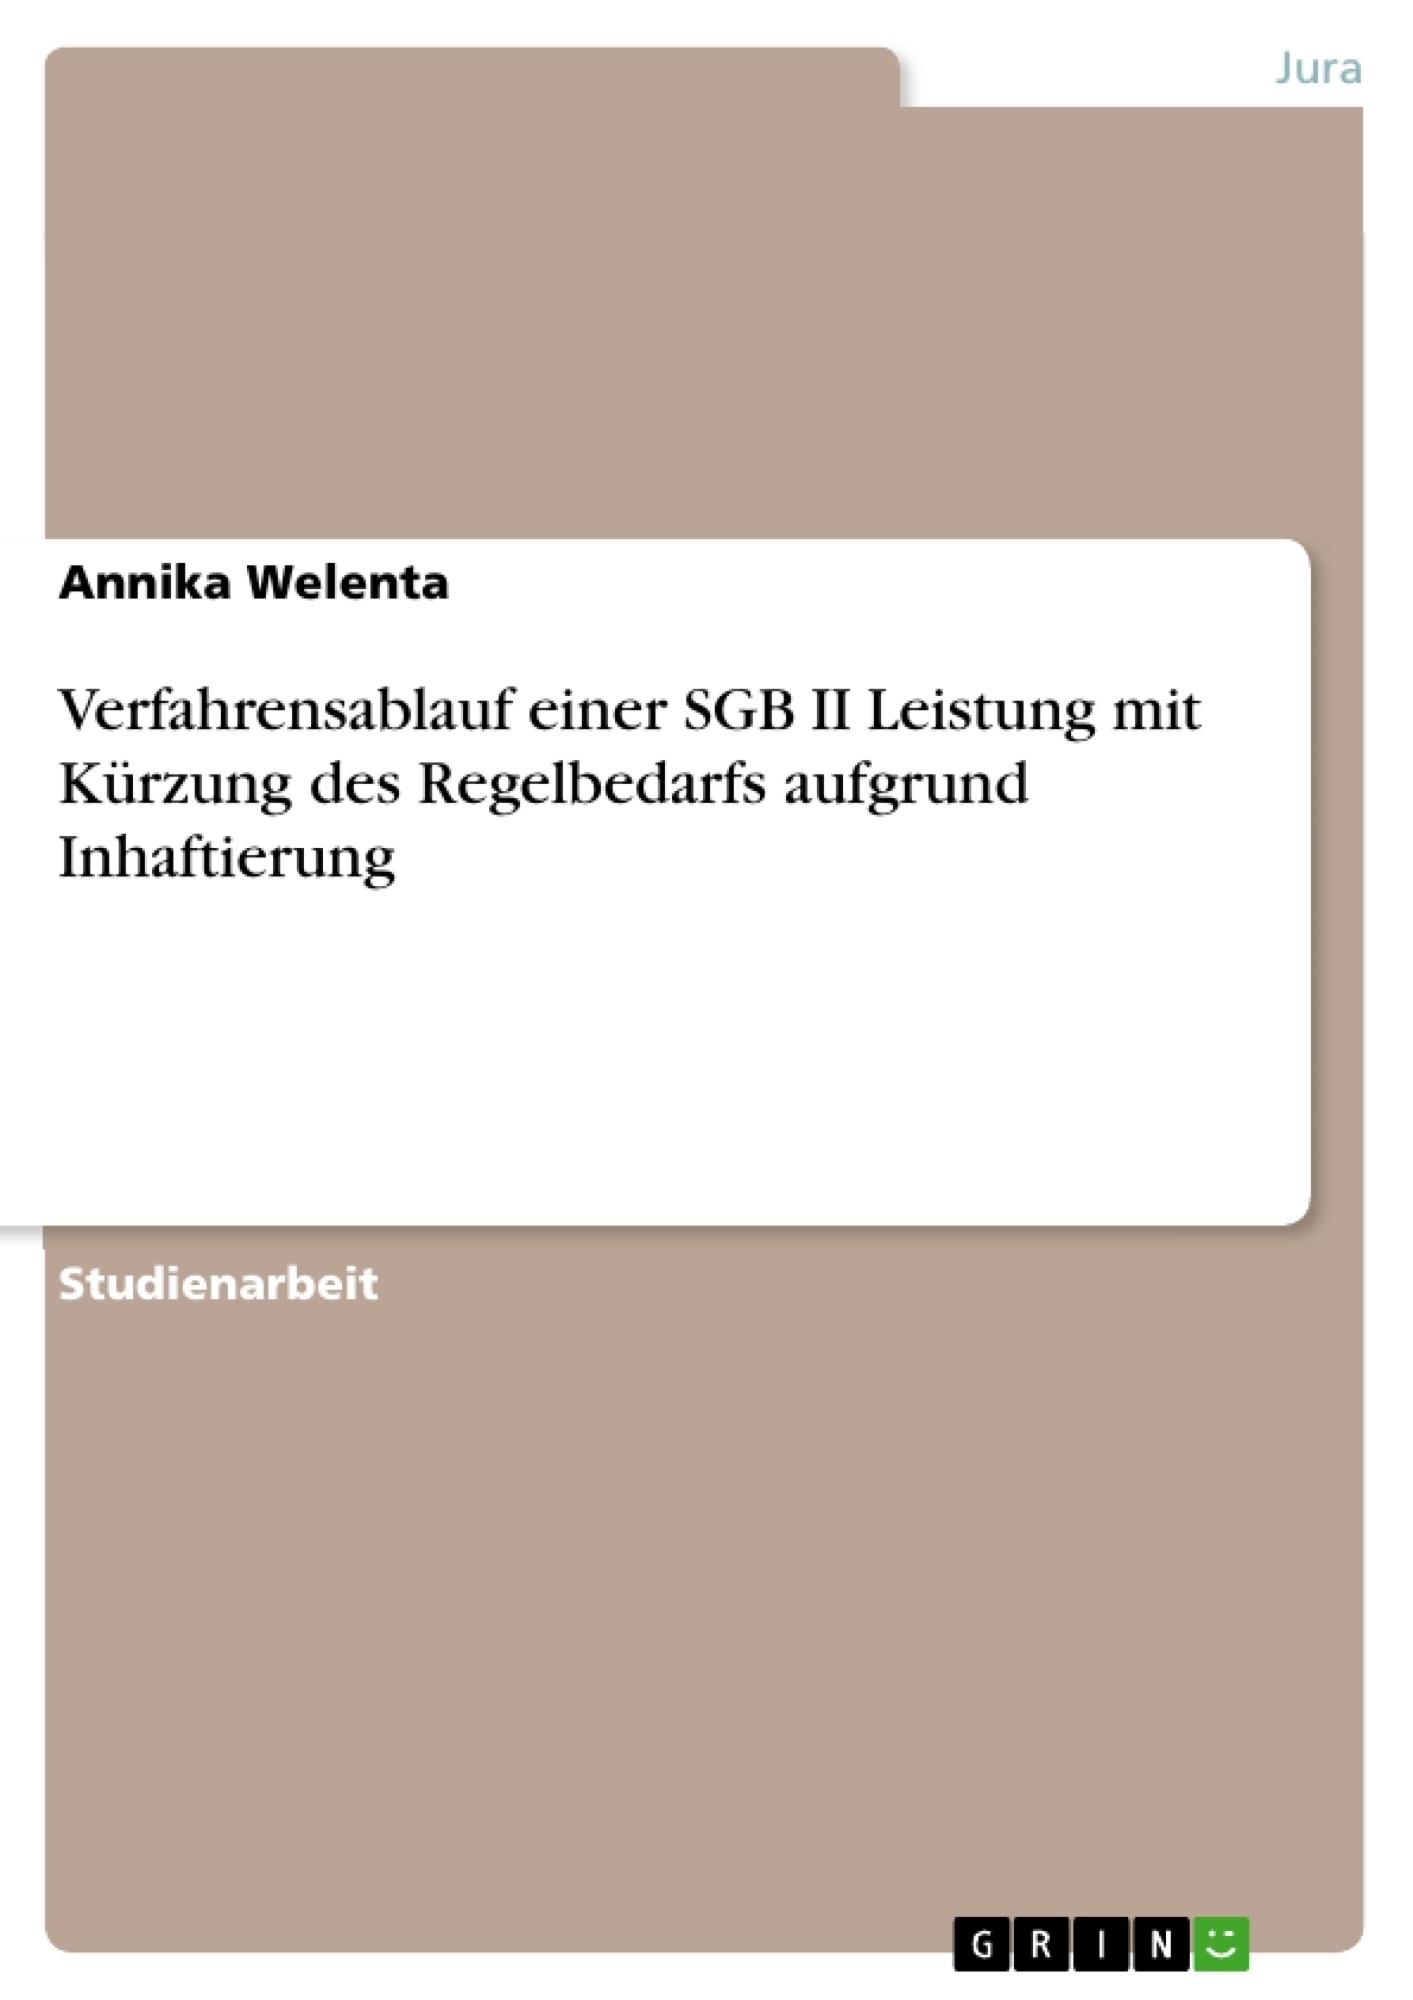 Titel: Verfahrensablauf einer SGB II Leistung mit Kürzung des Regelbedarfs aufgrund Inhaftierung